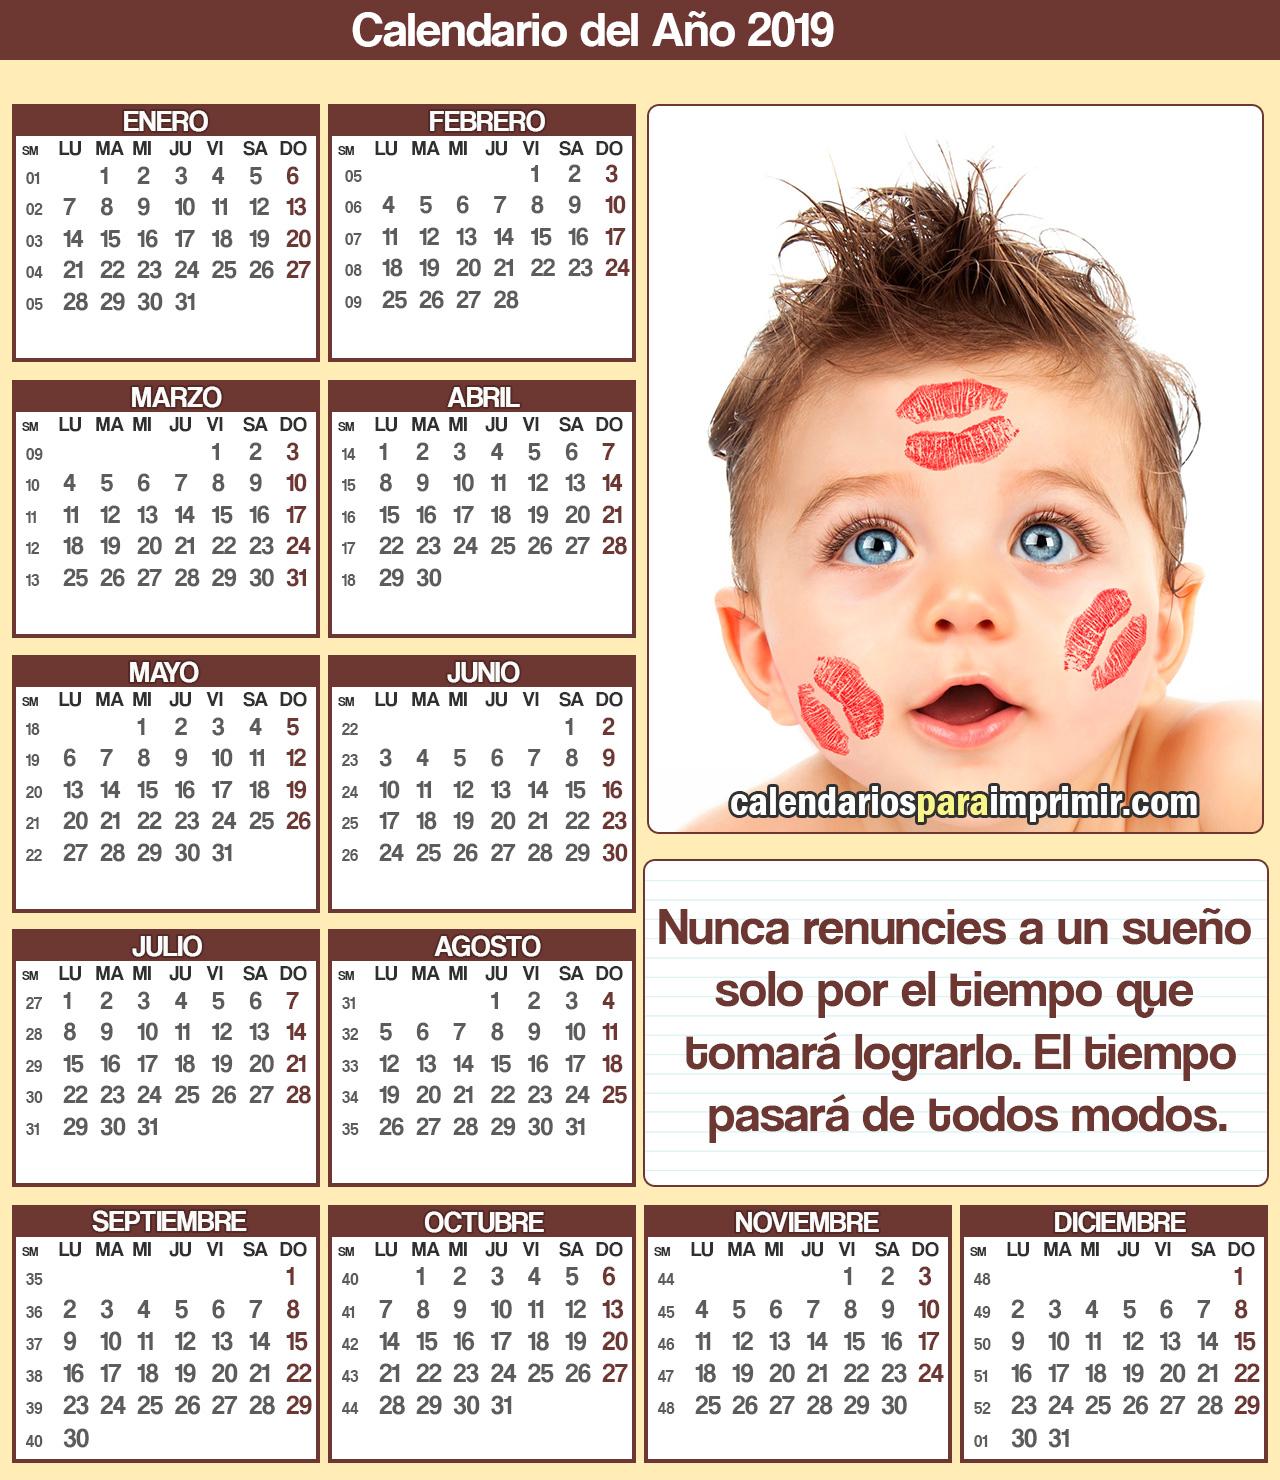 calendarios para imprimir con frase de reflexion 2019